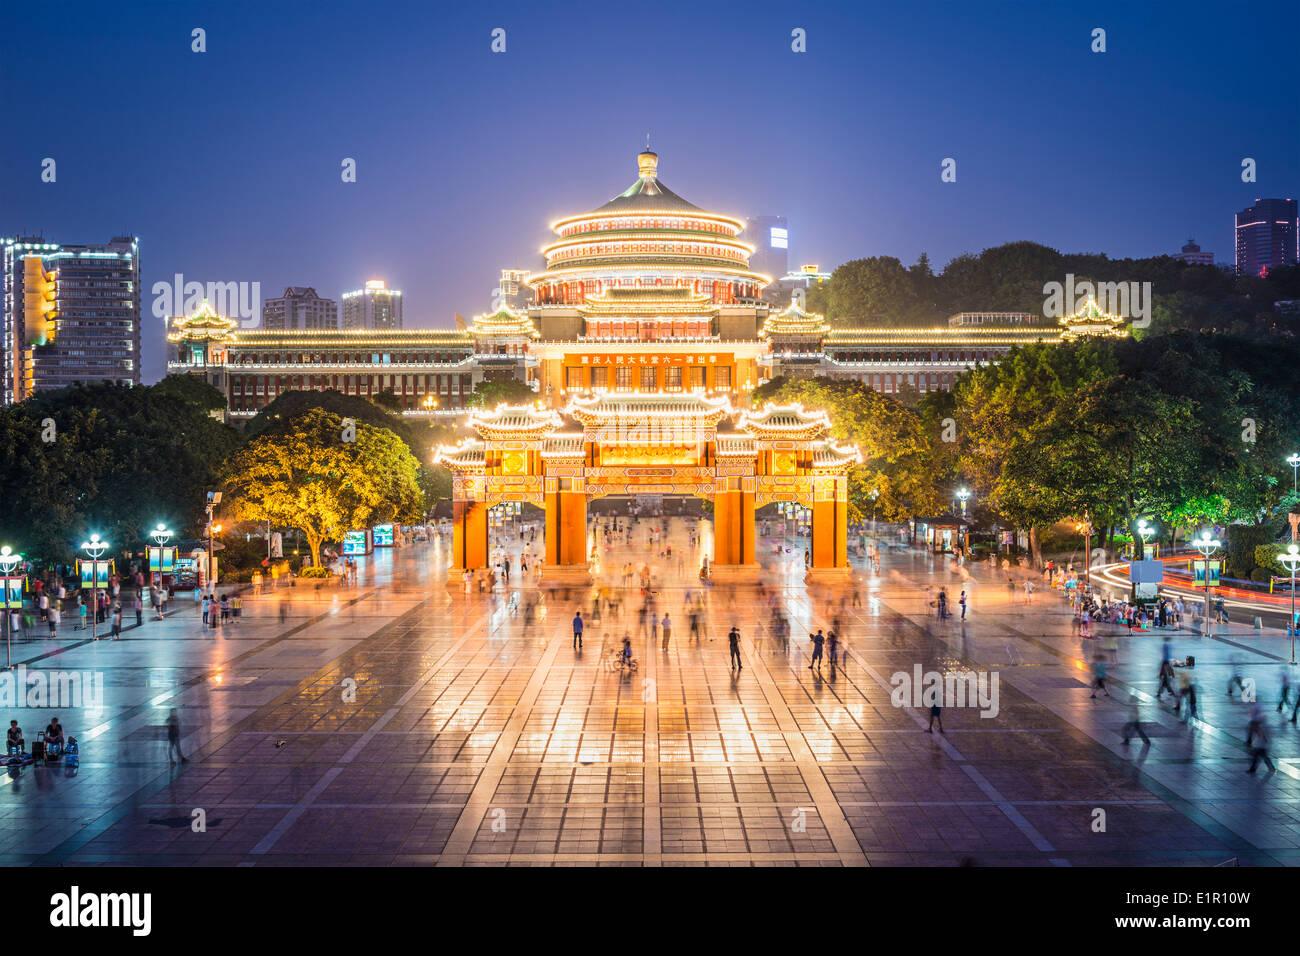 Chongqing, China im großen Saal des Menschen und des Menschen Platz. Stockbild